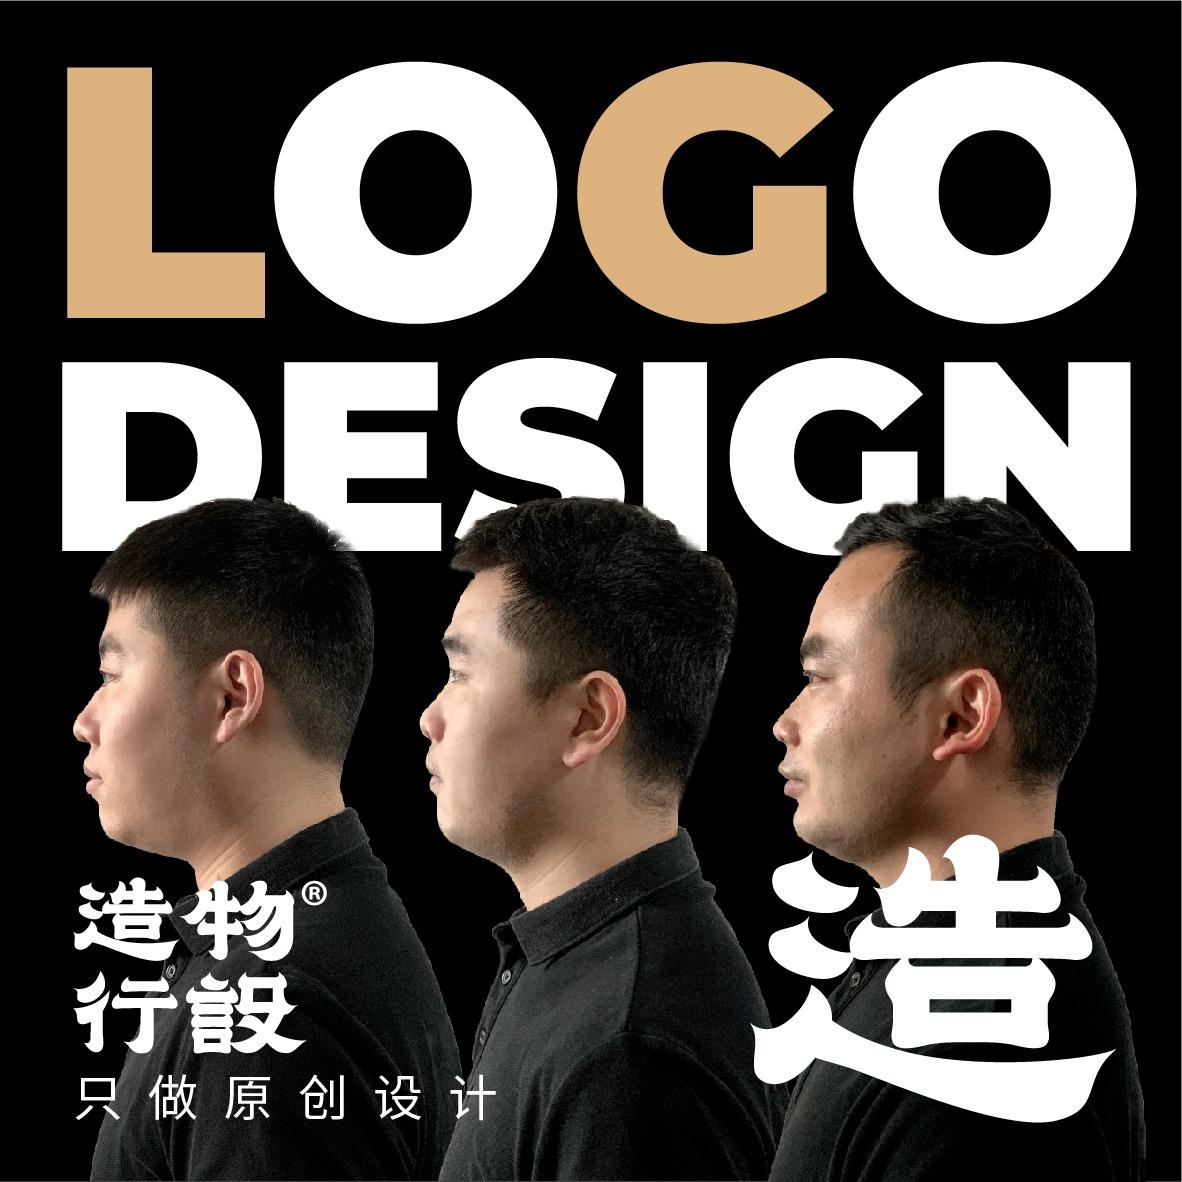 创意总监品牌LOGO设计原创图文字体公司企业商标logo设计